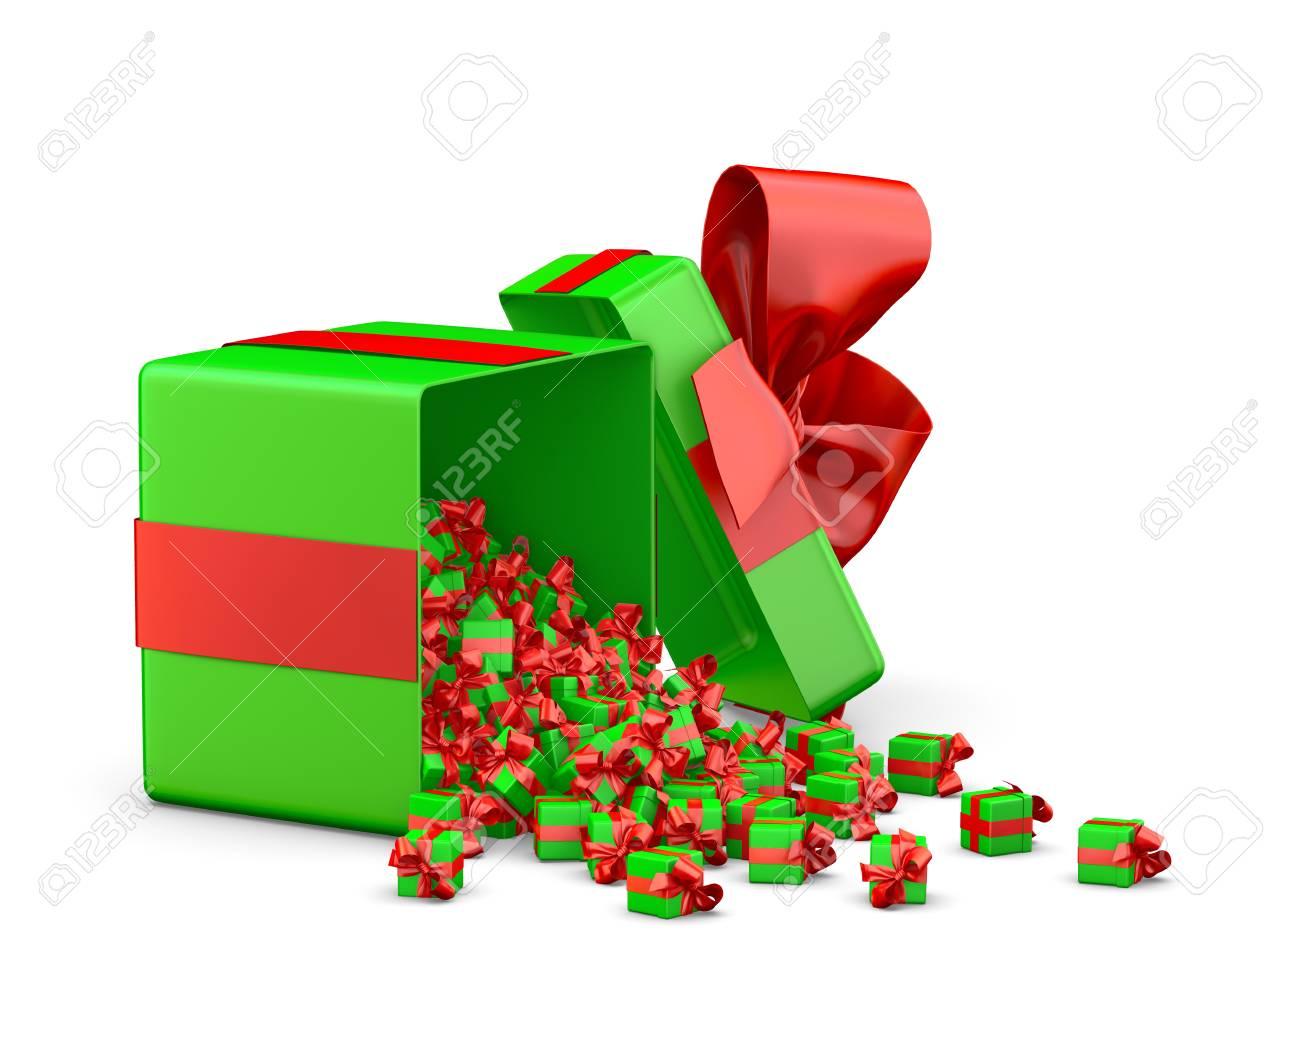 Eine Menge Von Roten, Grünen Geschenk-Box Für Weihnachten, Neujahr ...